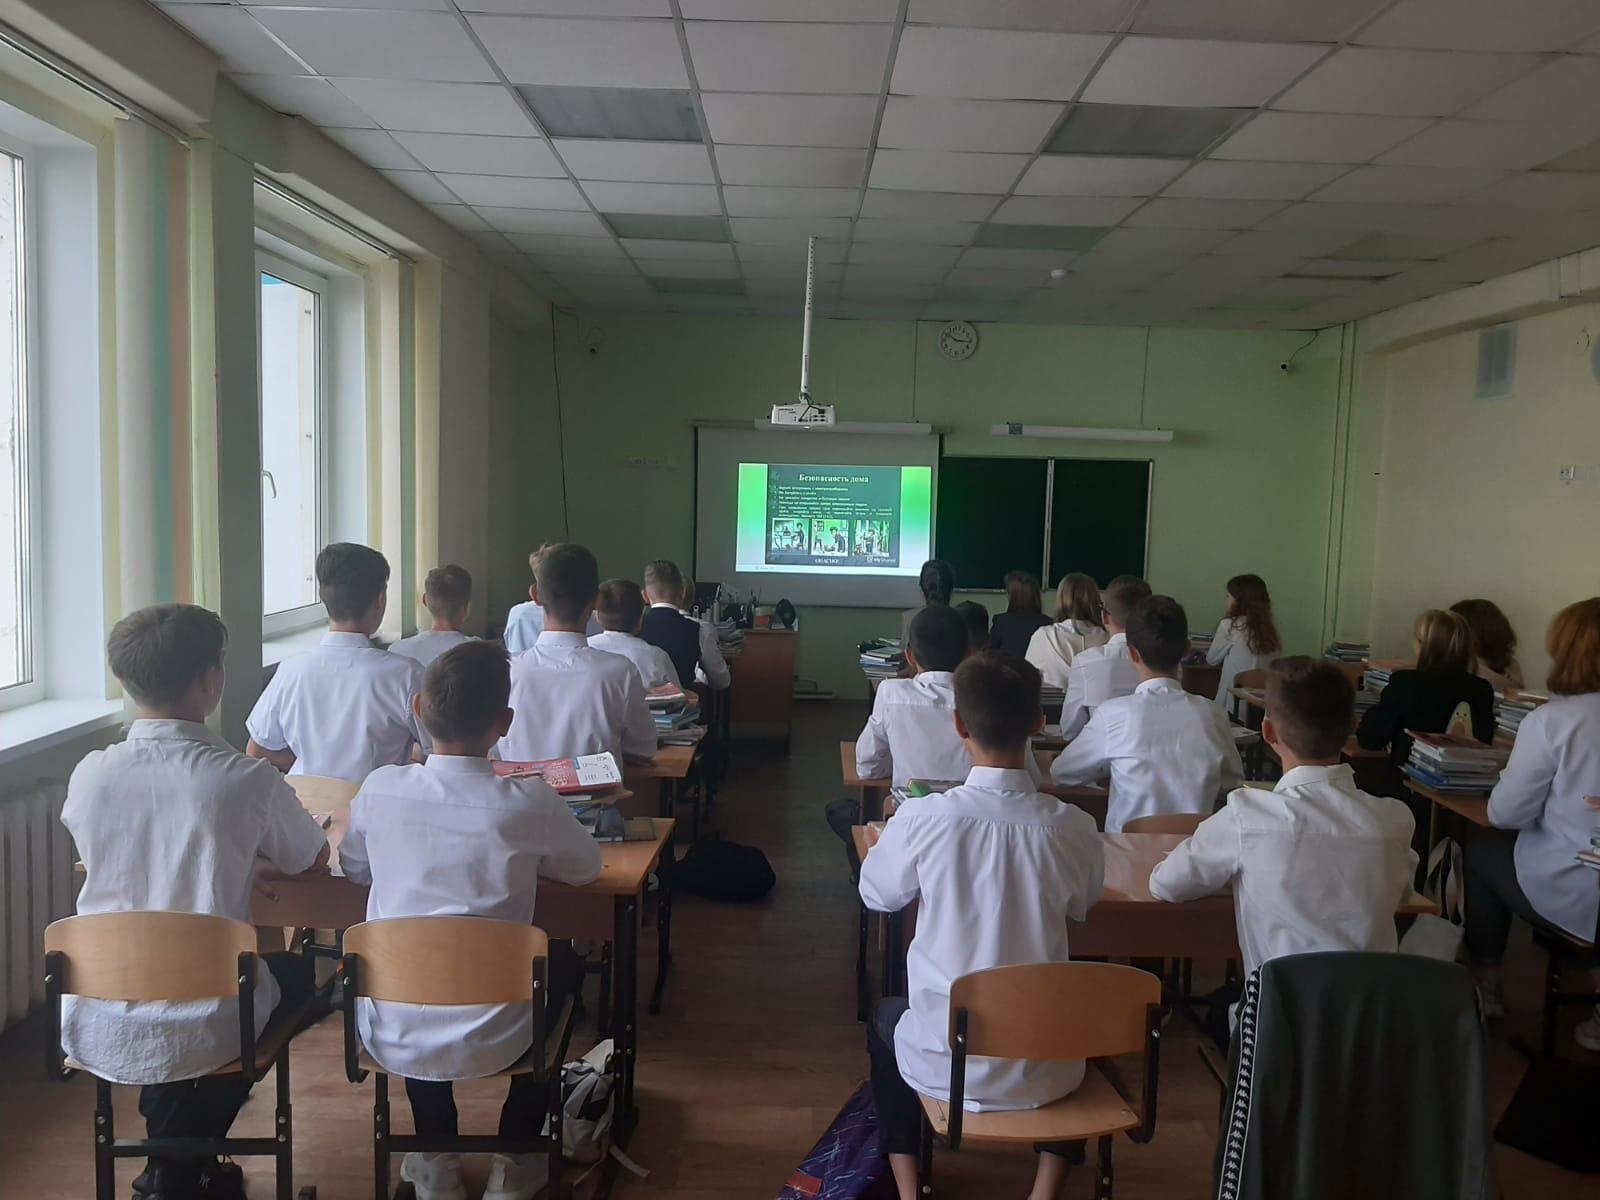 1-sentyabrya-obuchayushchiesya-1-11-klassov-tsentra-obrazovaniya-stali-uchastnikami-vserossijskogo-otkrytogo-uroka-sovremennaya-rossijskaya-nauka